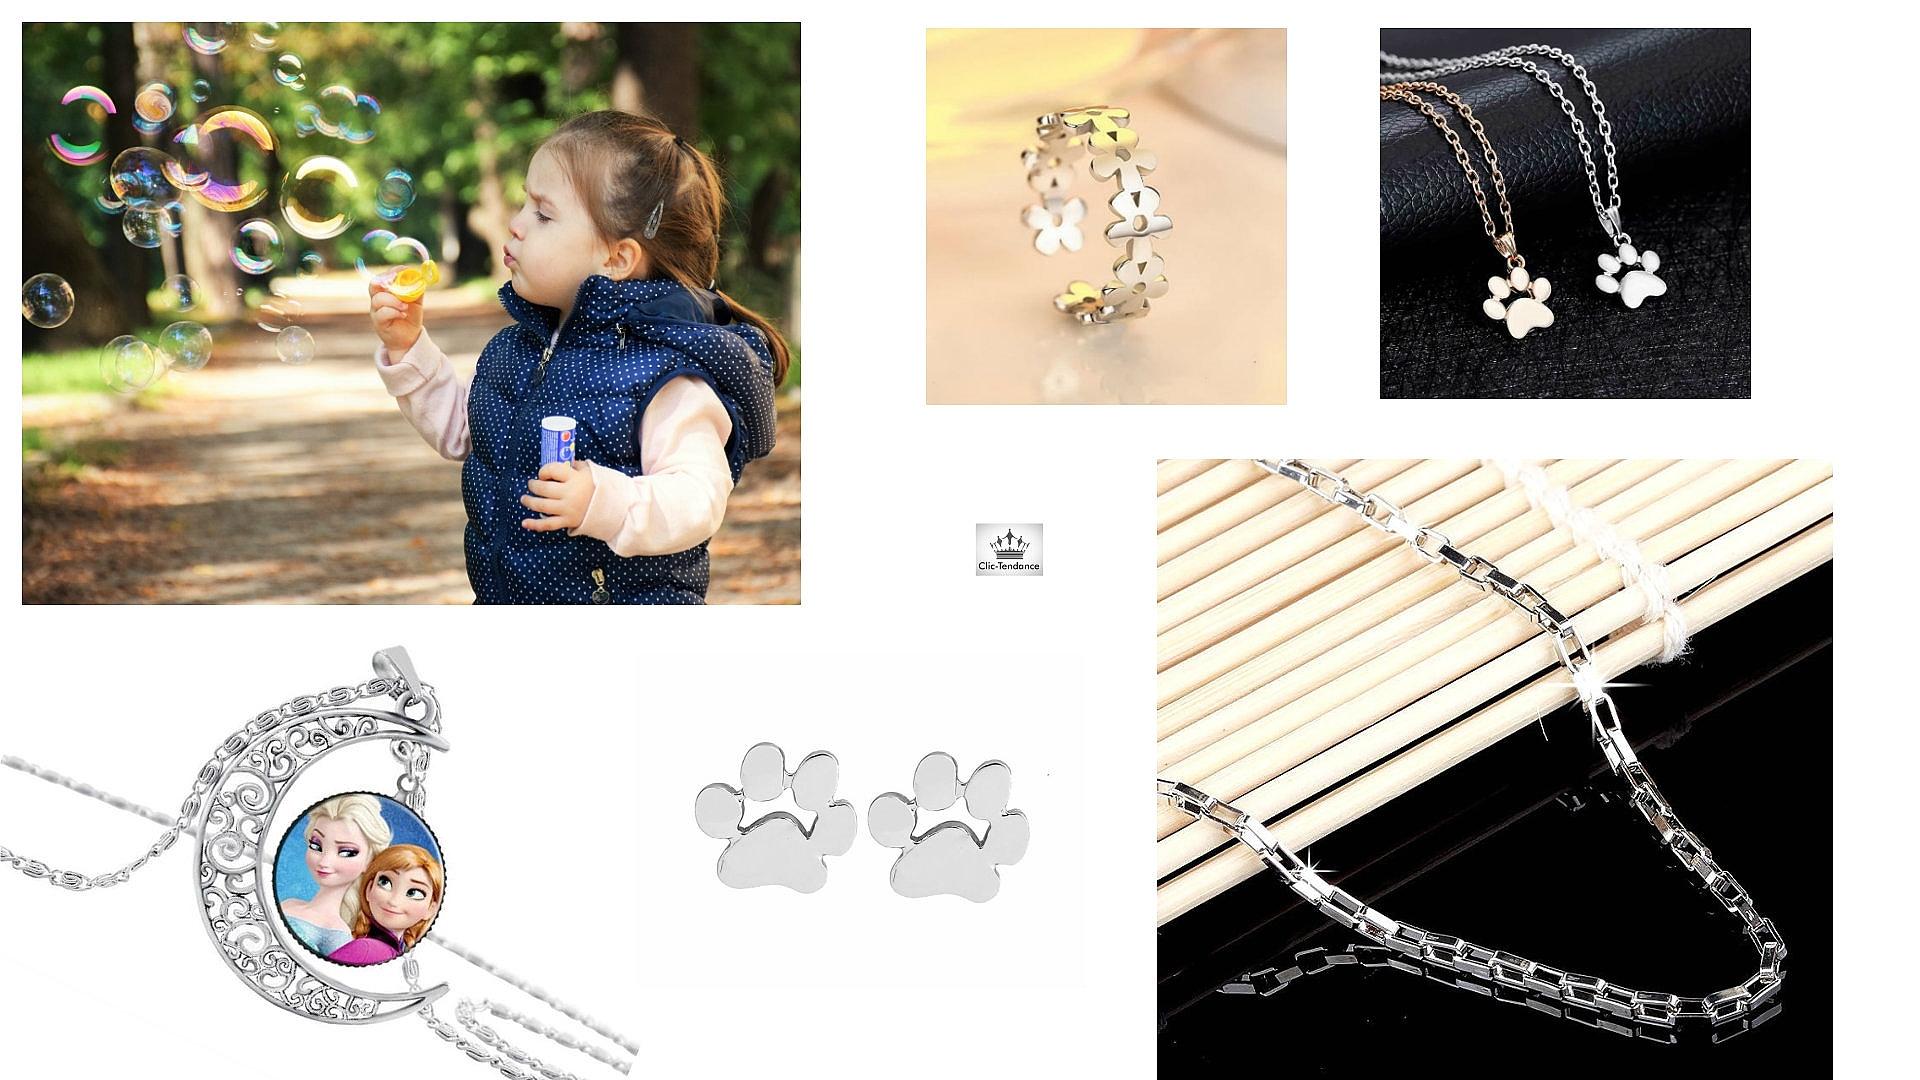 Idée cadeau enfant, bijoux en argent et fantaisie, et sac et accessoires de mode